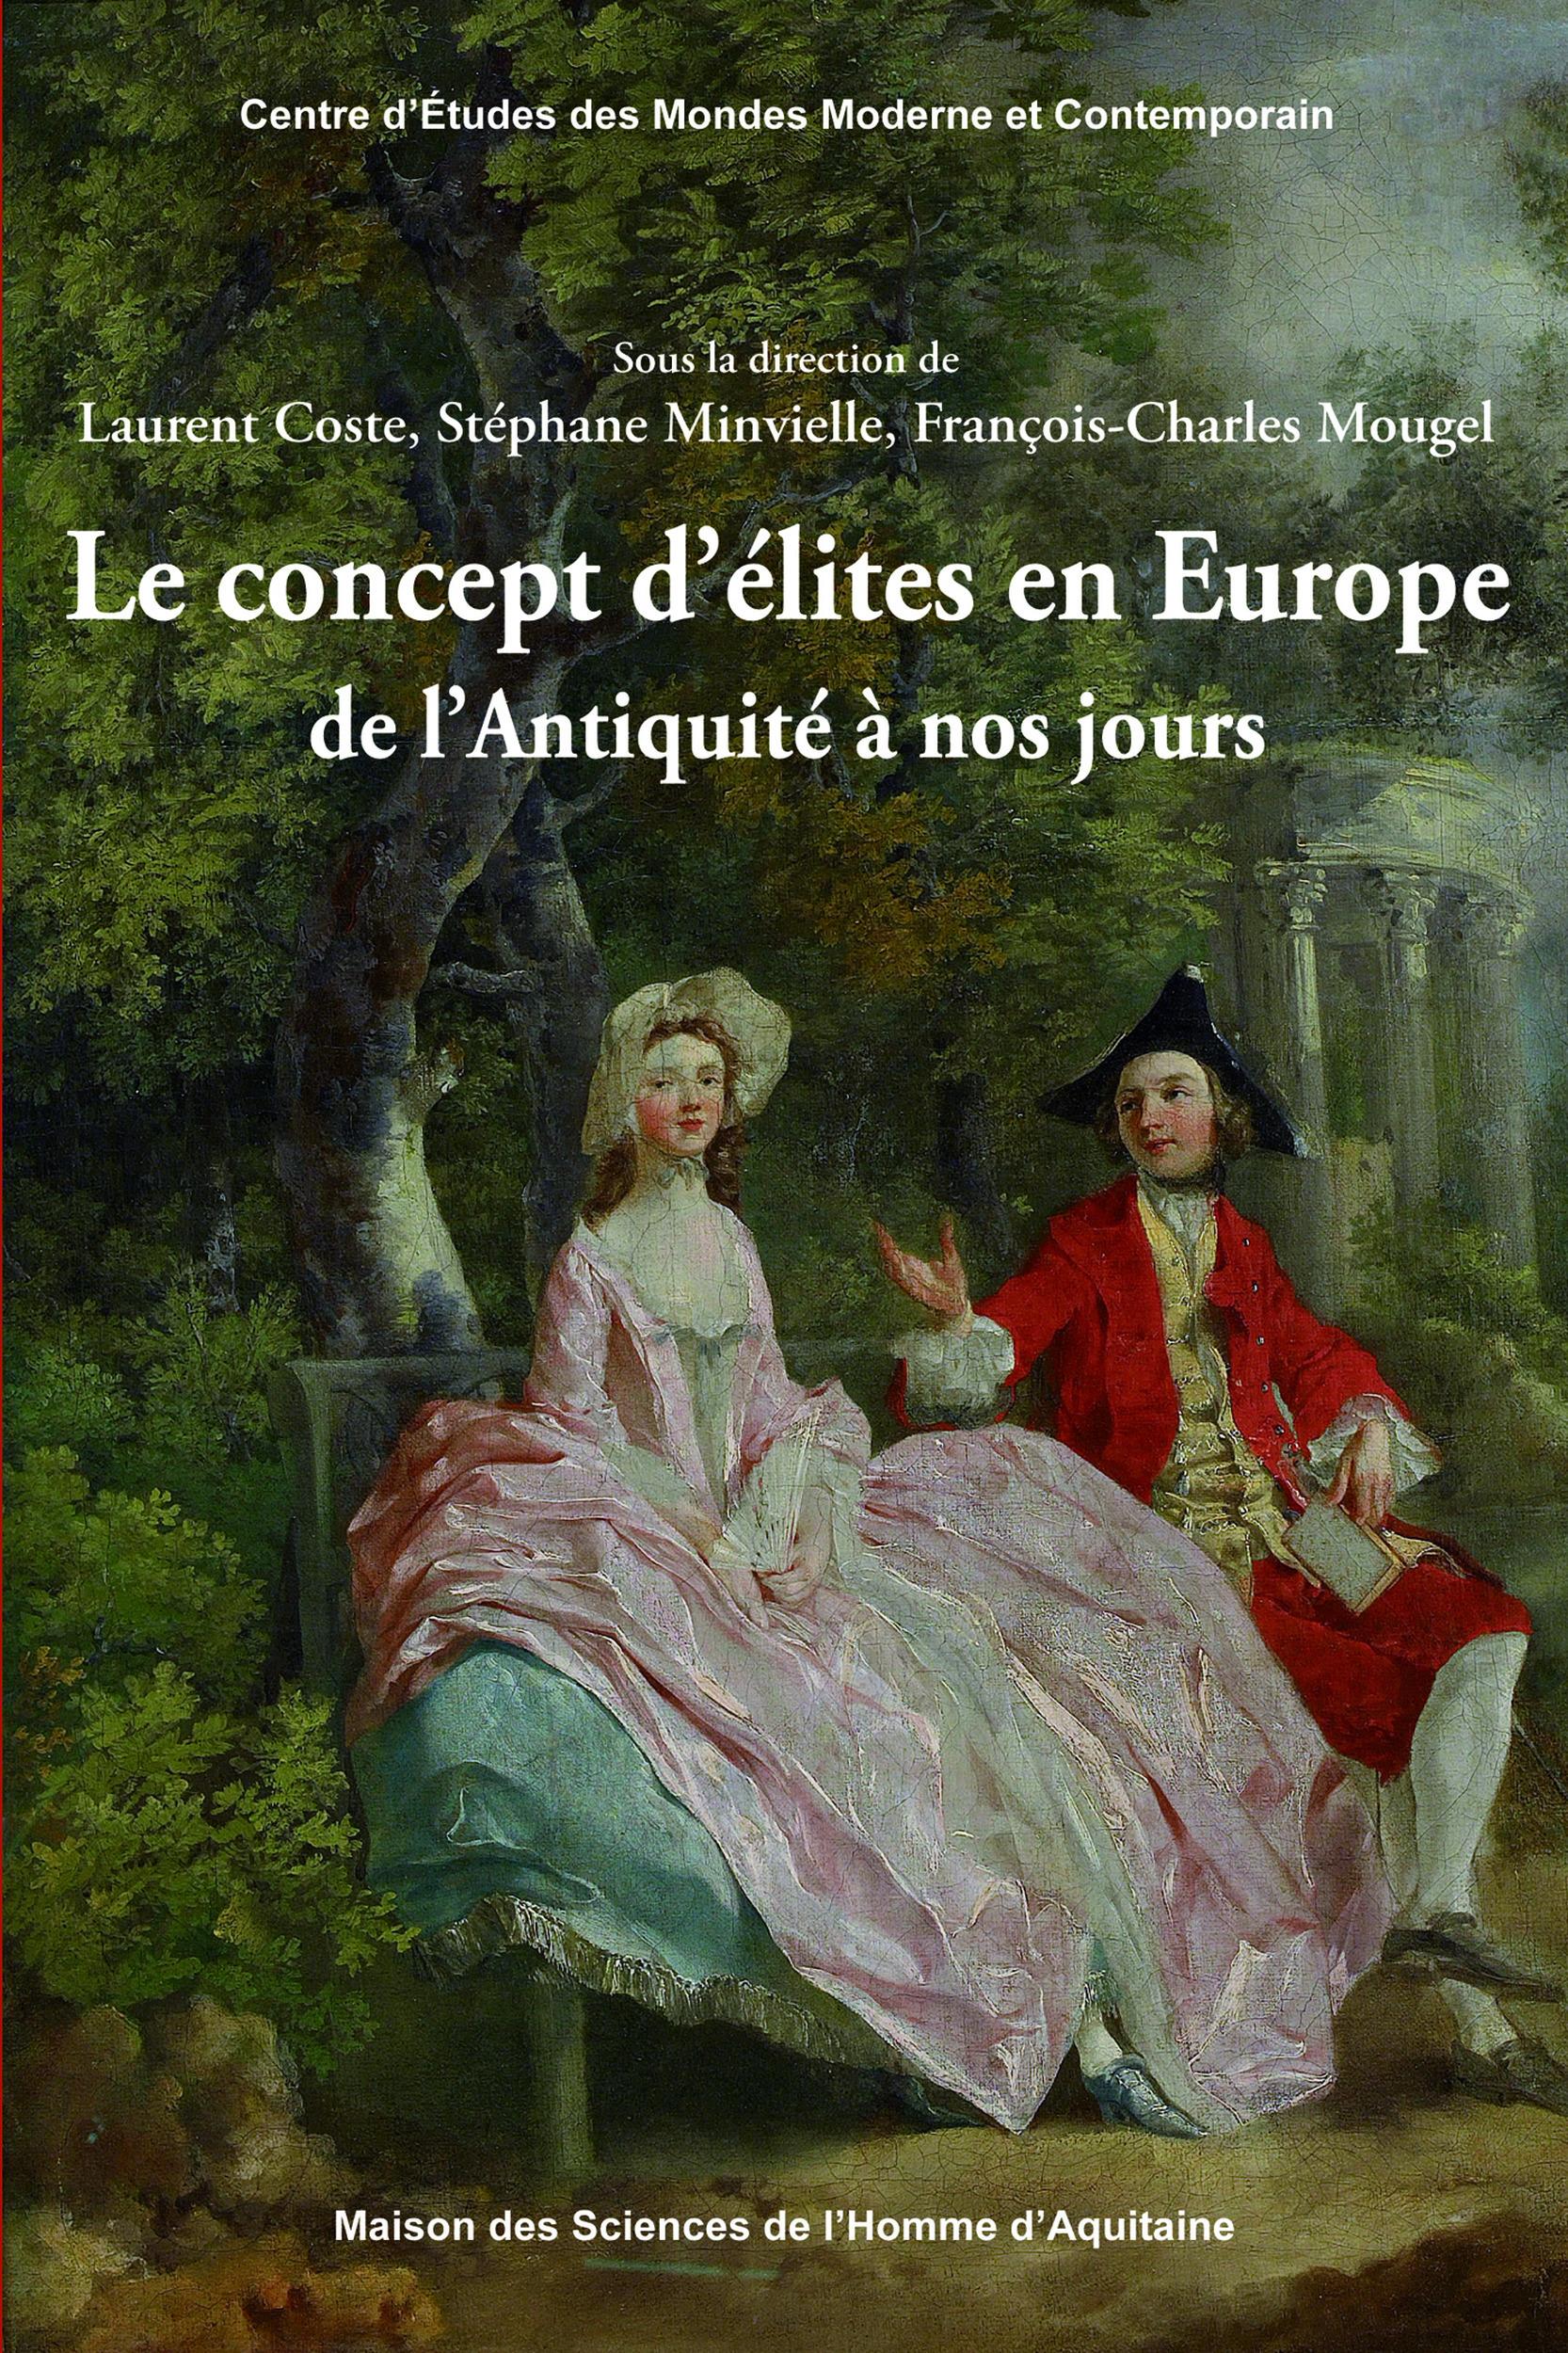 Le concept d´élites en Europe  - Minv Coste  Laurent  - François-Charles MOUGEL  - Stéphane Minvielle  - Laurent Coste